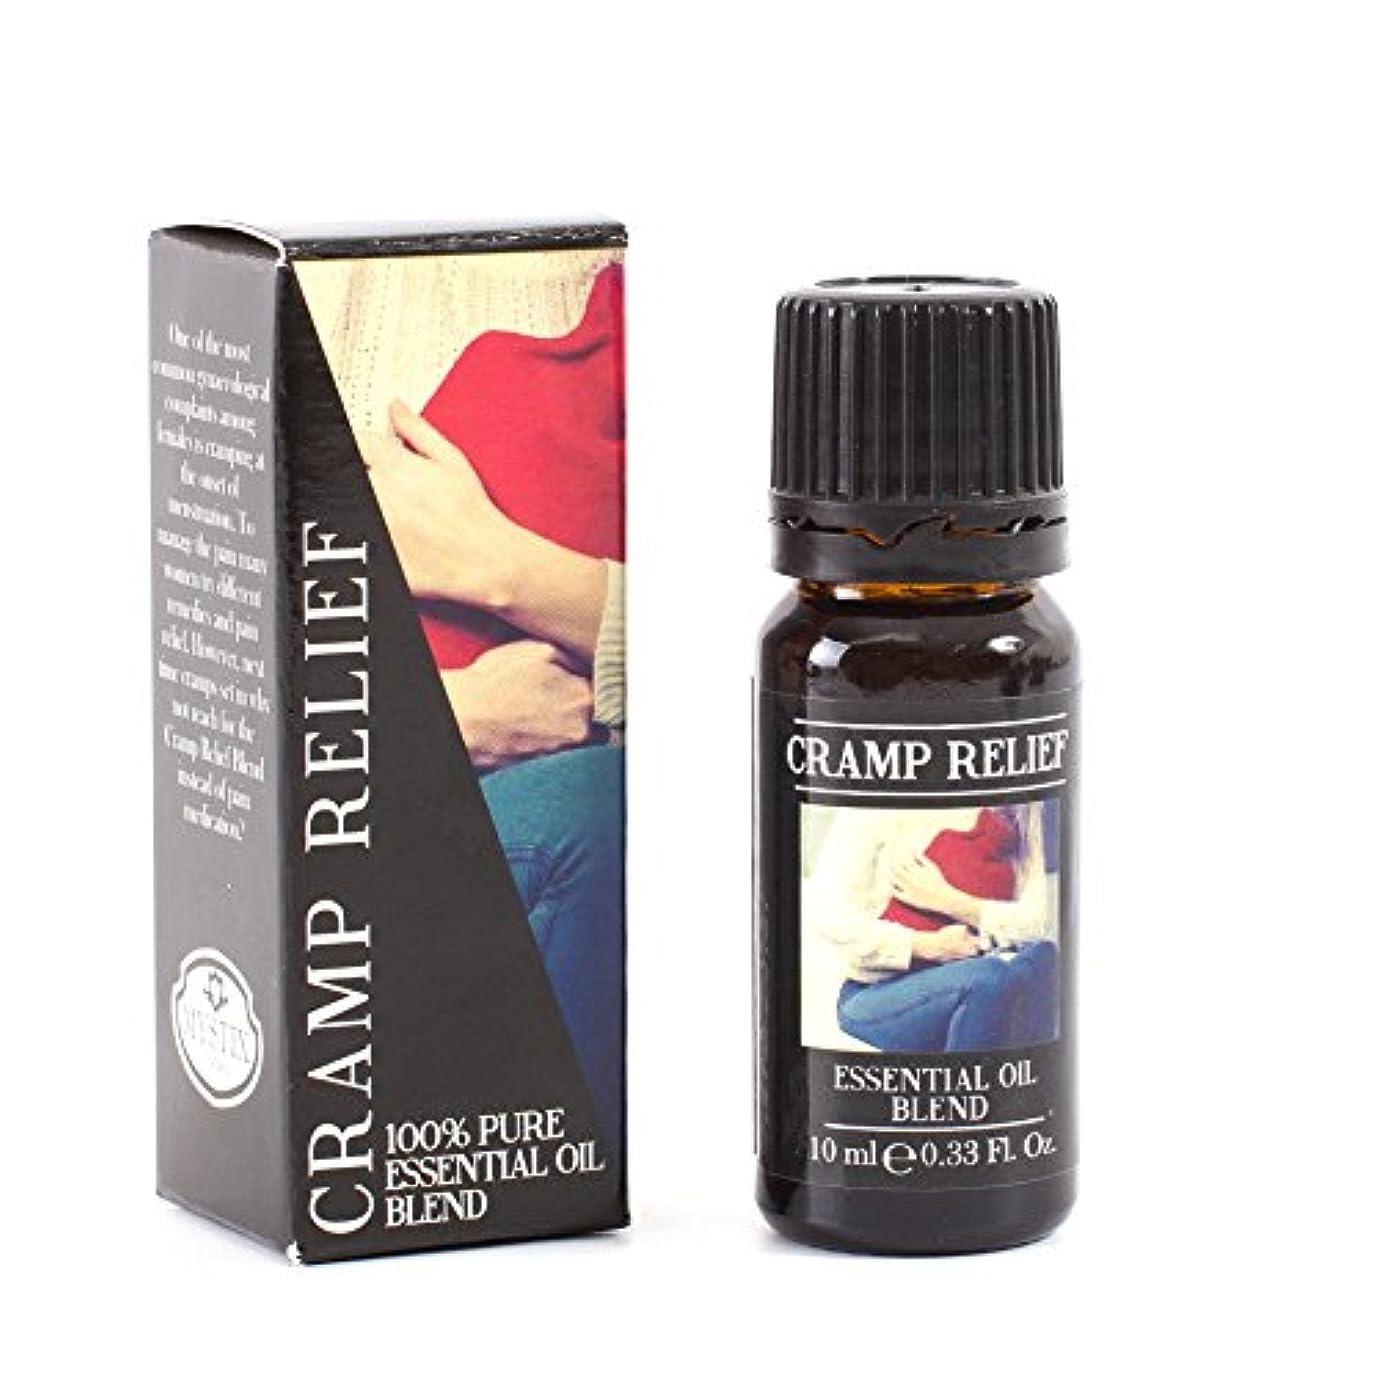 ヒロイック衣装上へMystix London | Cramp Relief Essential Oil Blend - 10ml - 100% Pure